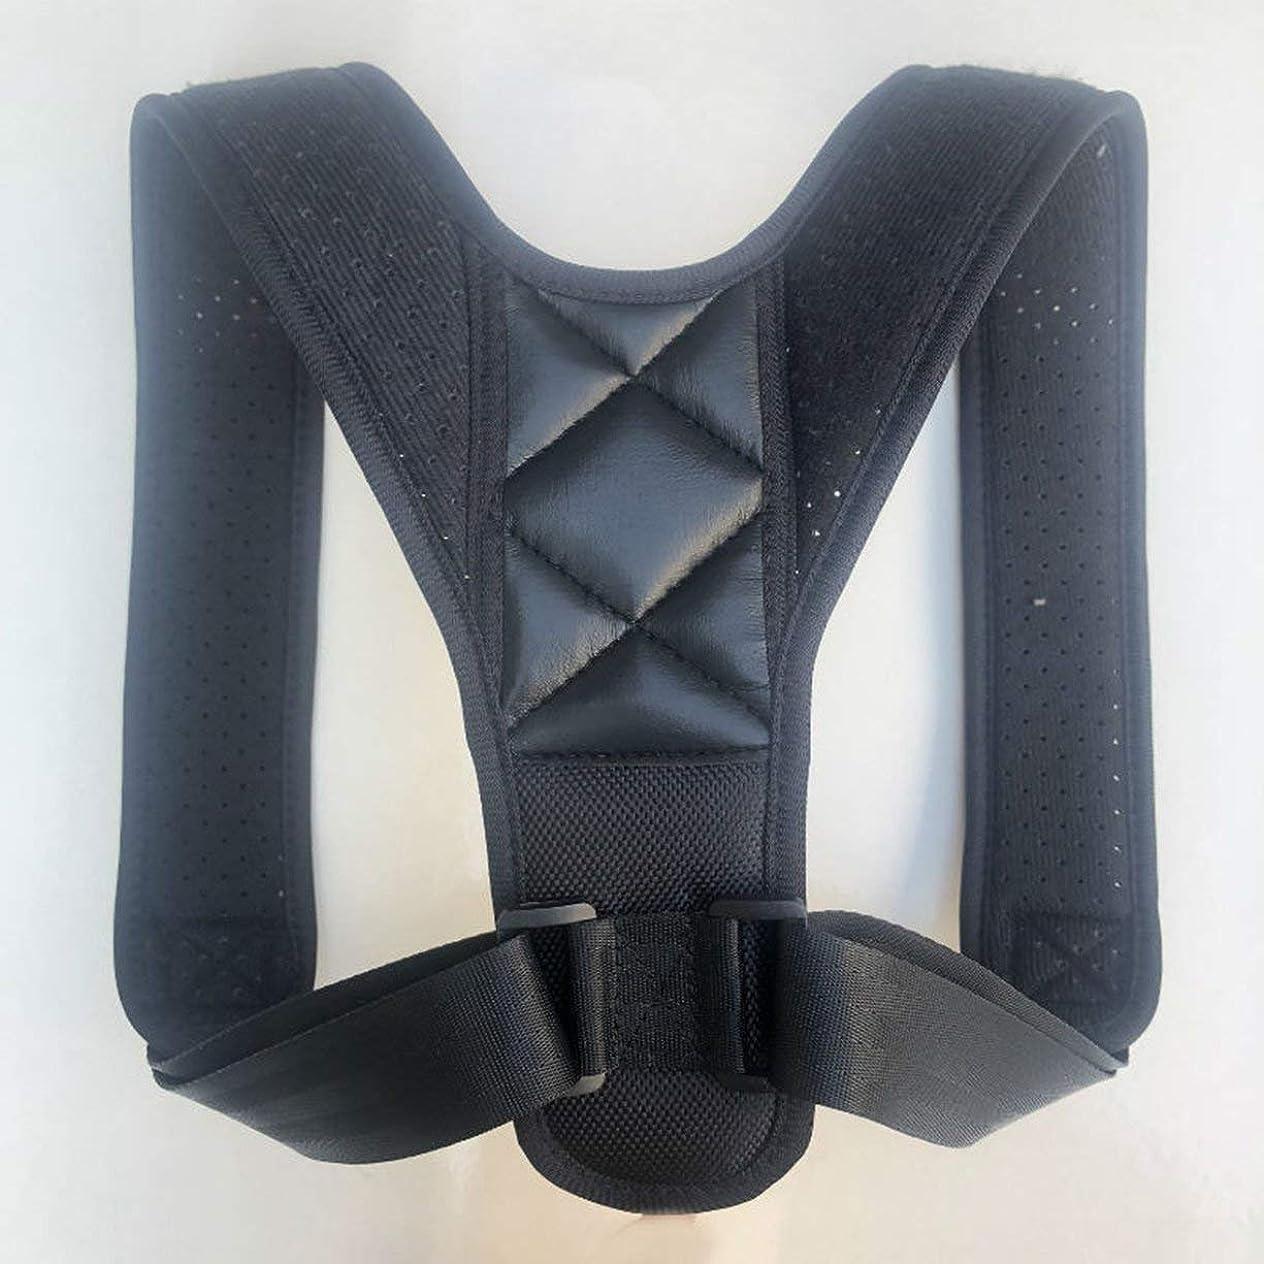 音声学多様体灰アッパーバックポスチャーコレクター姿勢鎖骨サポートコレクターバックストレートショルダーブレースストラップコレクター - ブラック